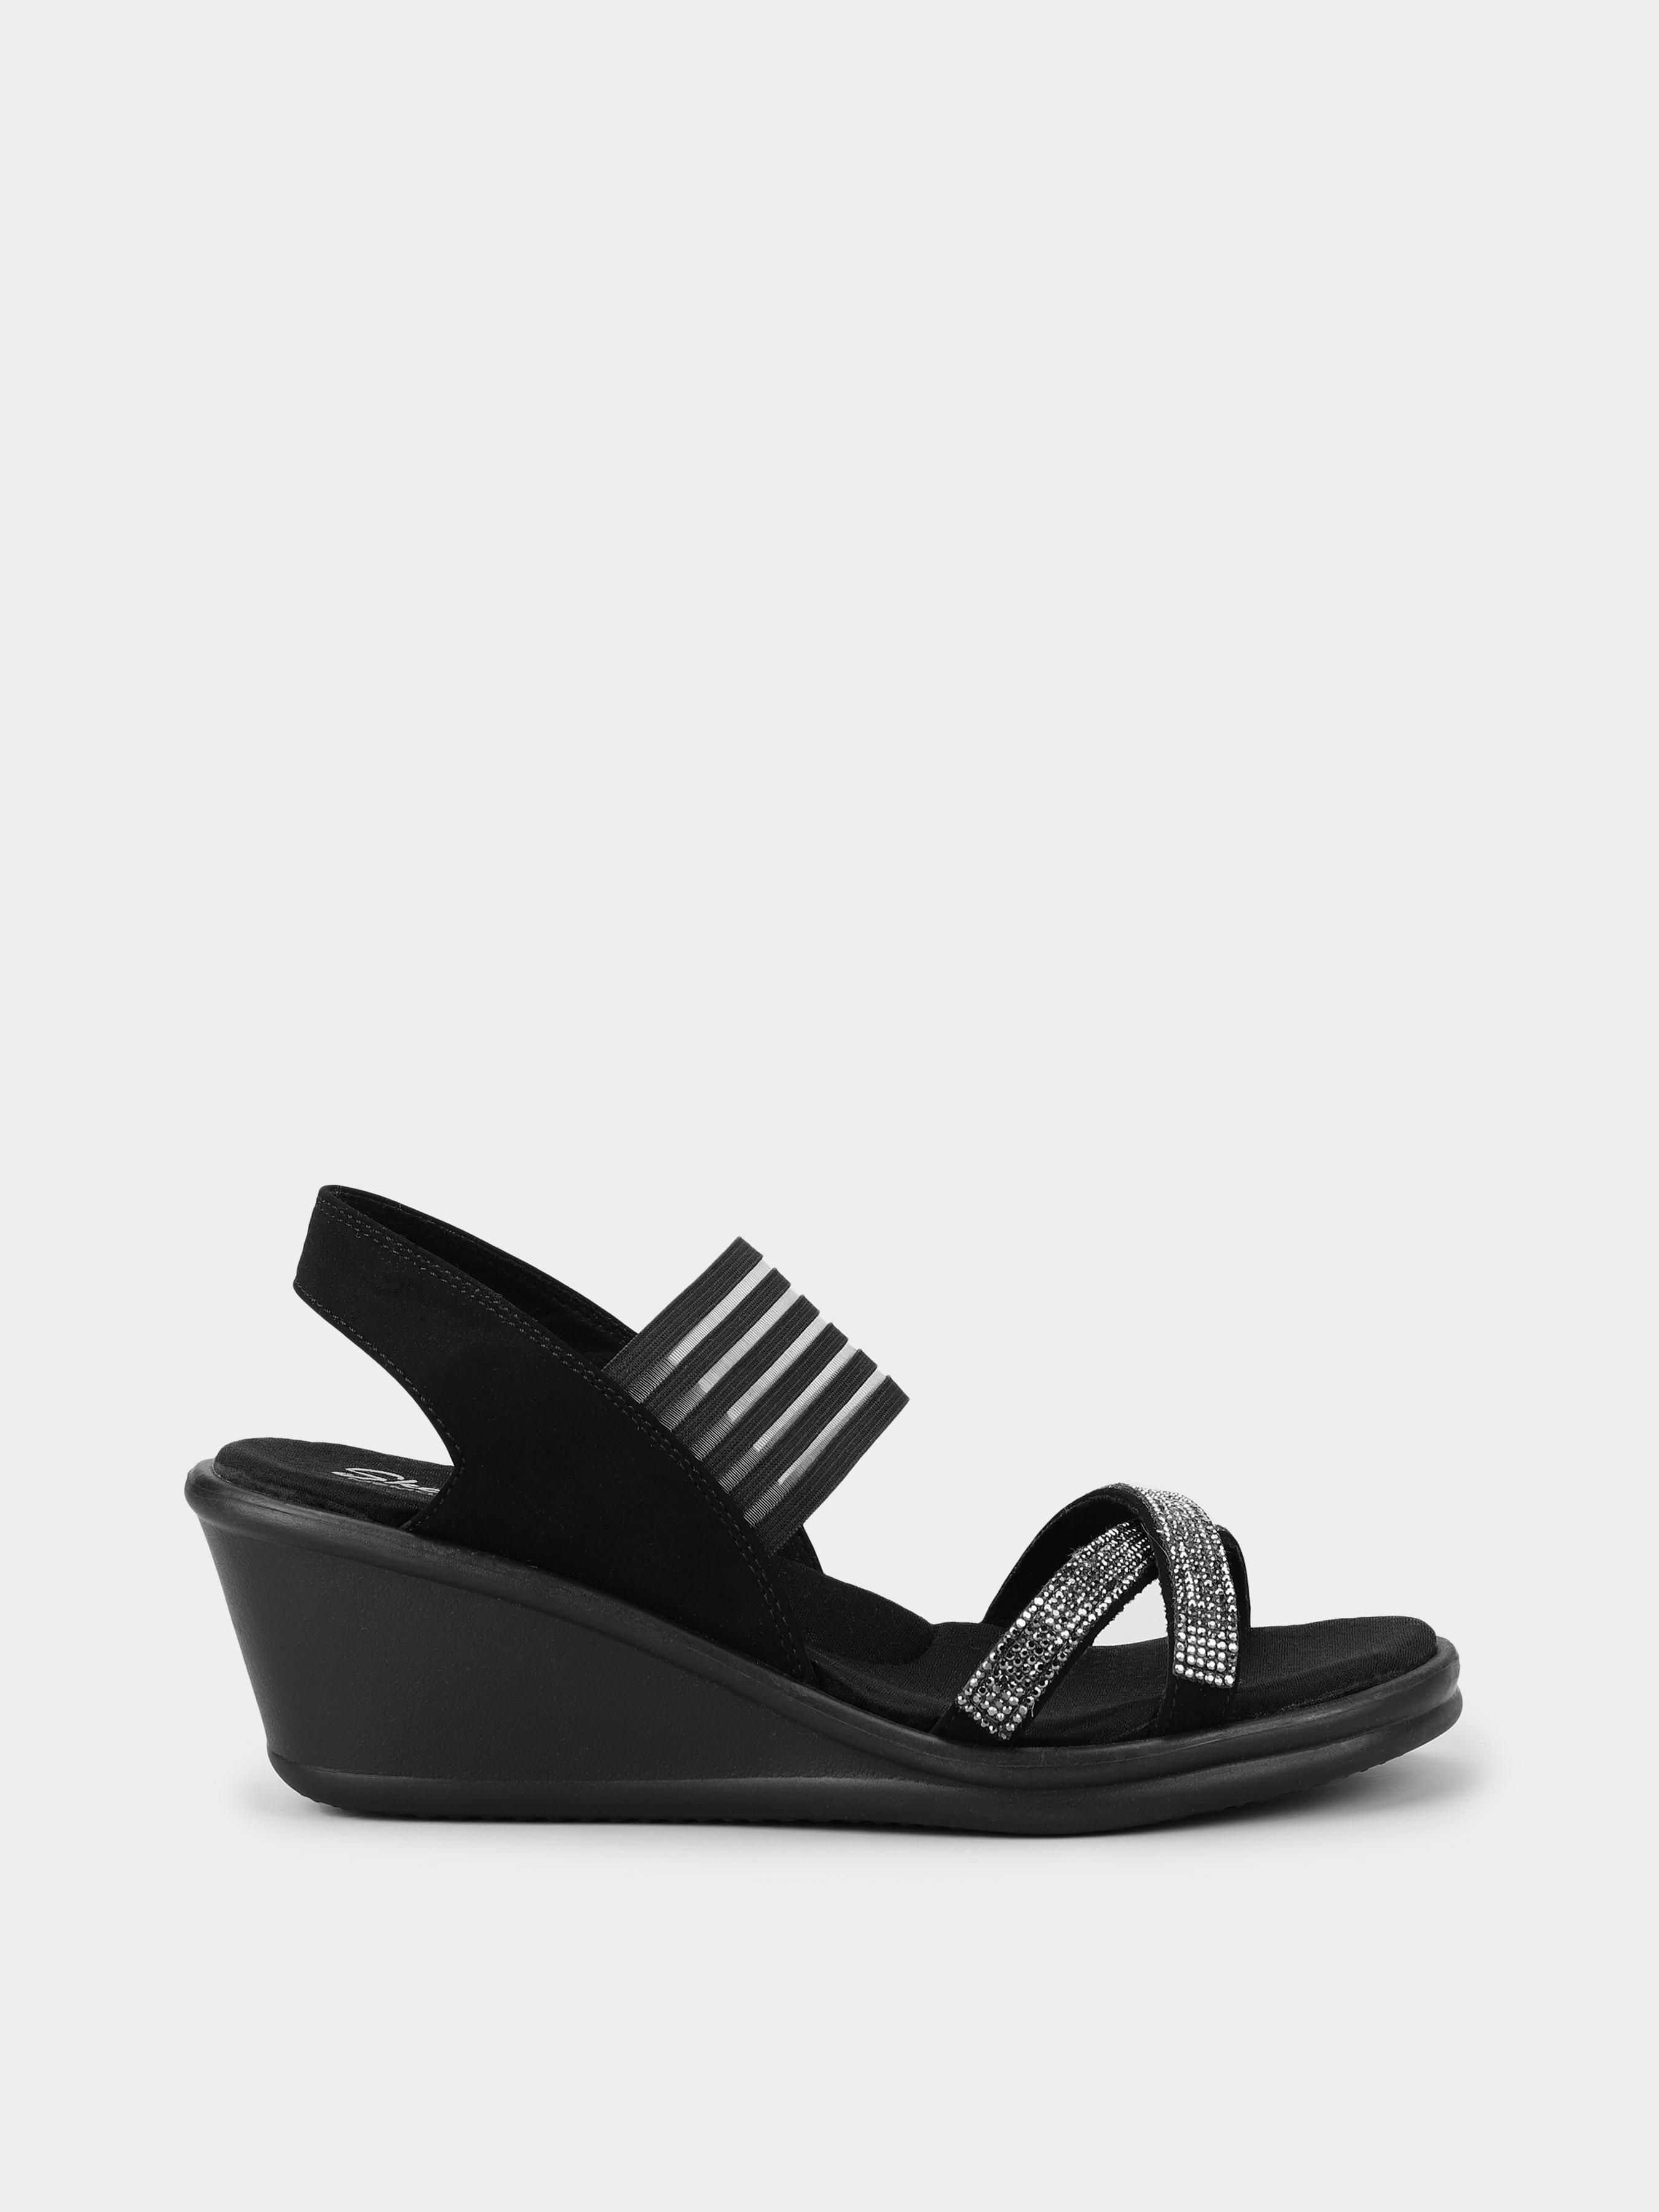 Купить Босоножки женские Skechers KW4678, Черный